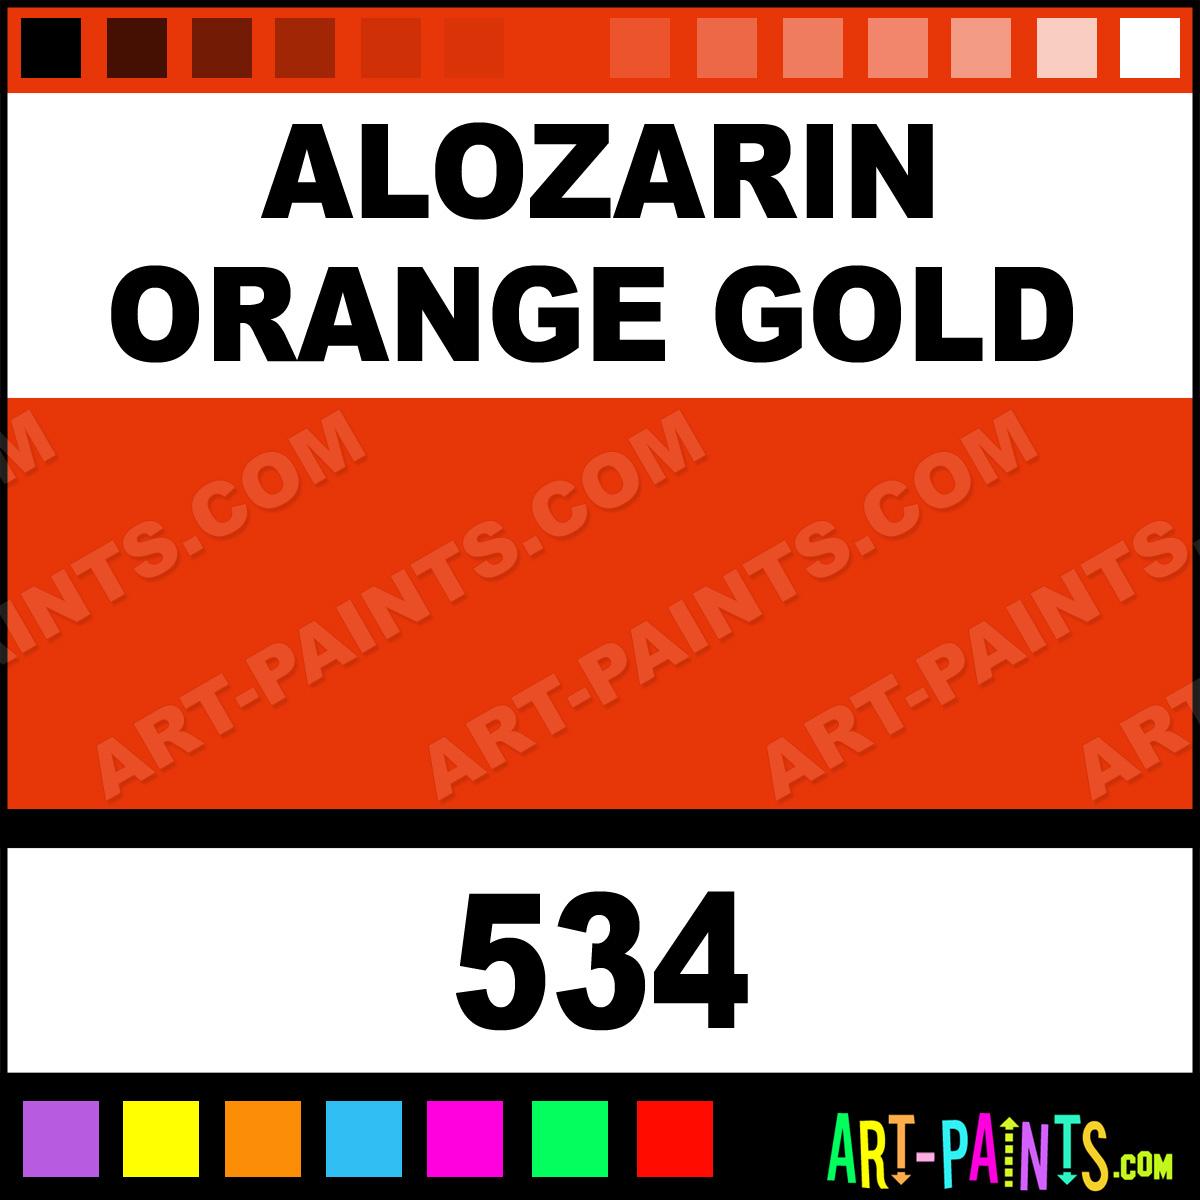 Alozarin Orange Gold Artist Oil Paints 534 Alozarin